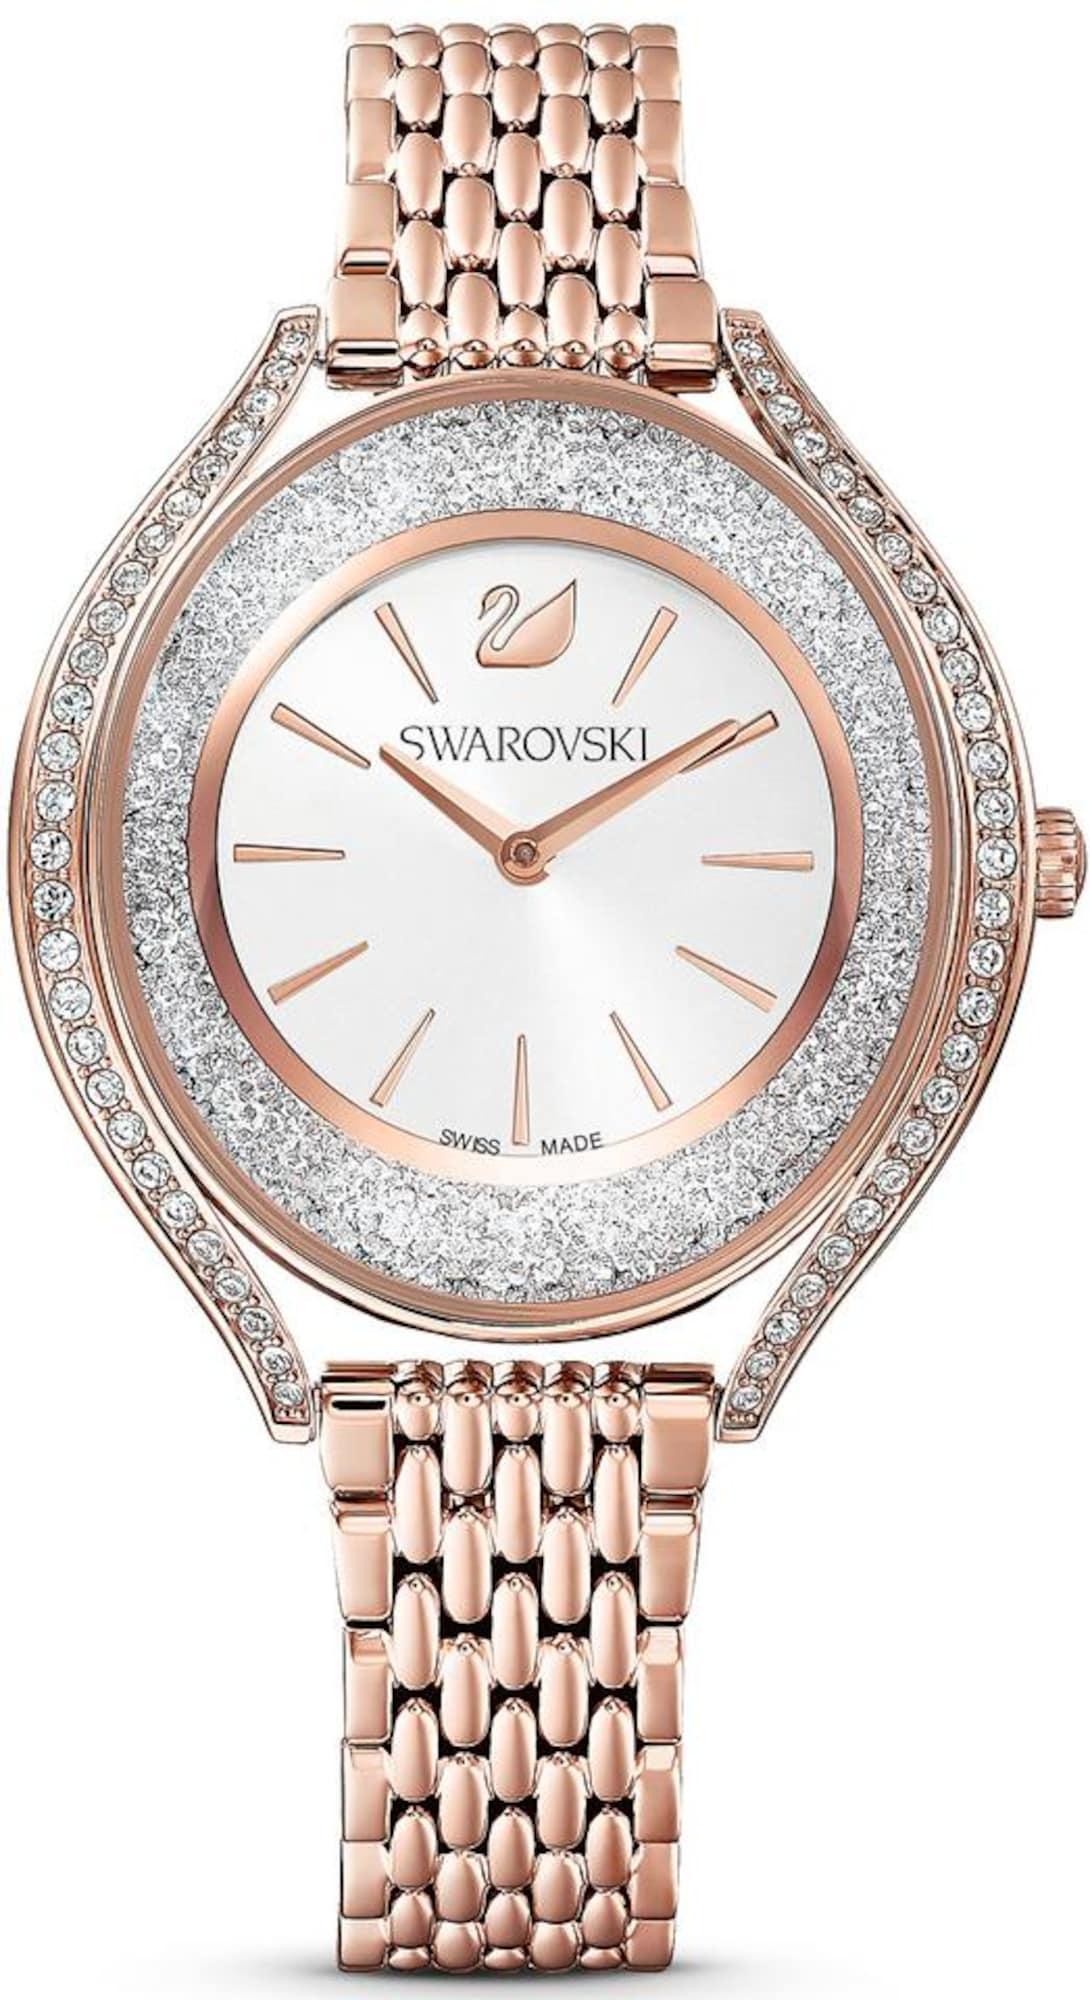 Swarovski Analoginis (įprasto dizaino) laikrodis rožinio aukso spalva